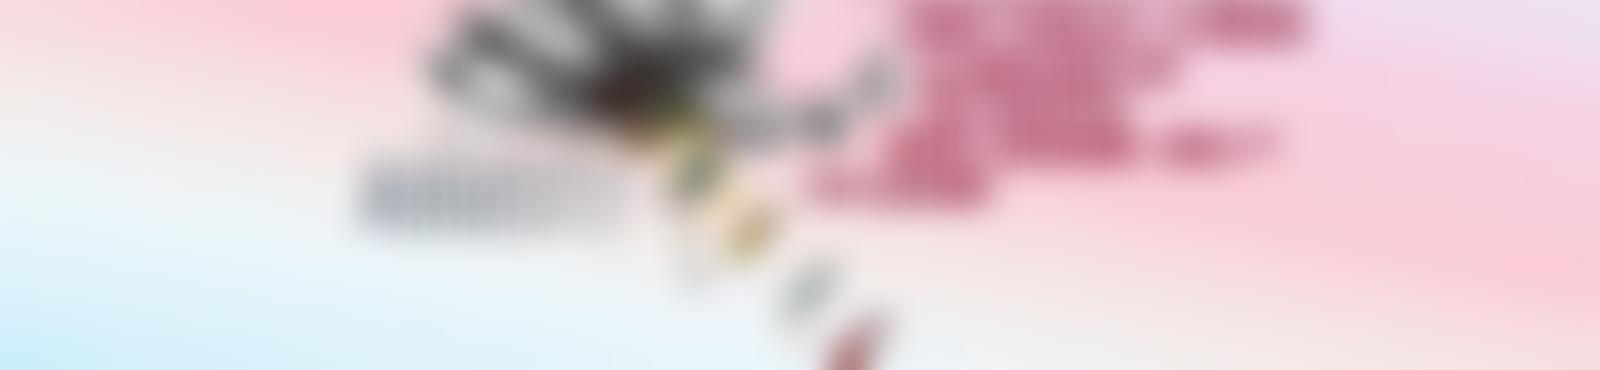 Blurred 13879377 10154309027648954 267760821629008710 n